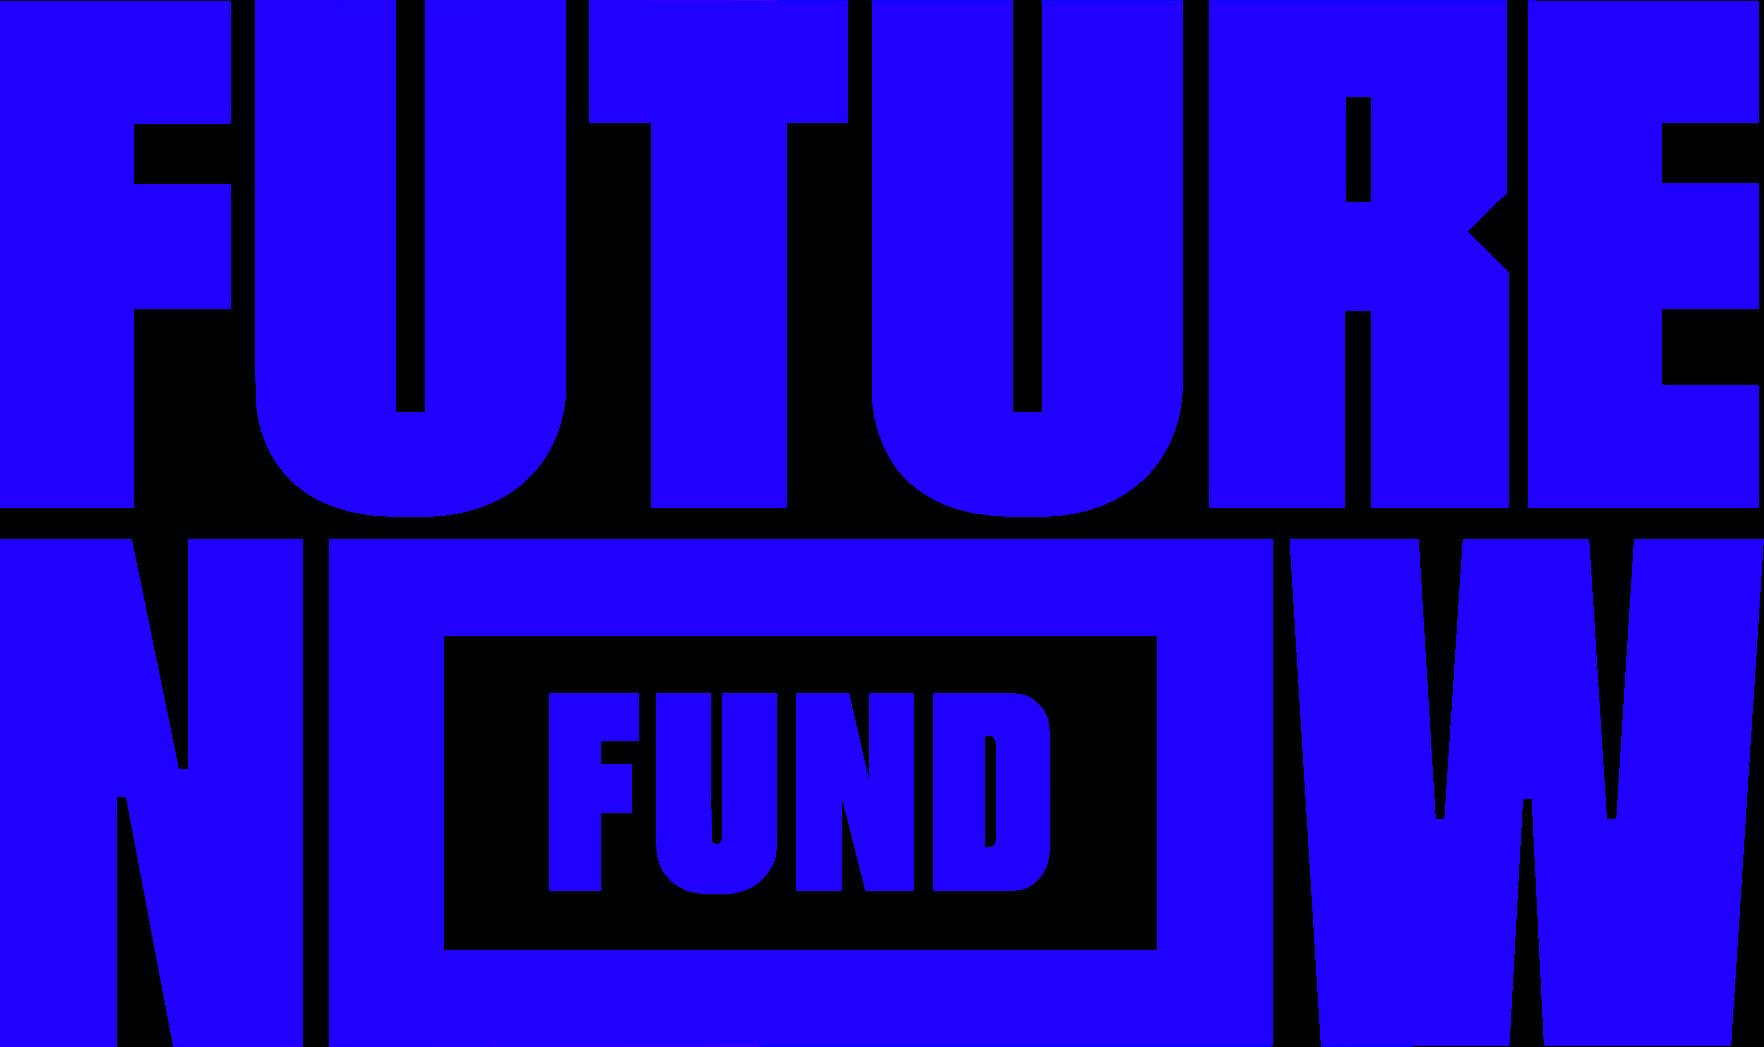 FNF logo blue (6).png